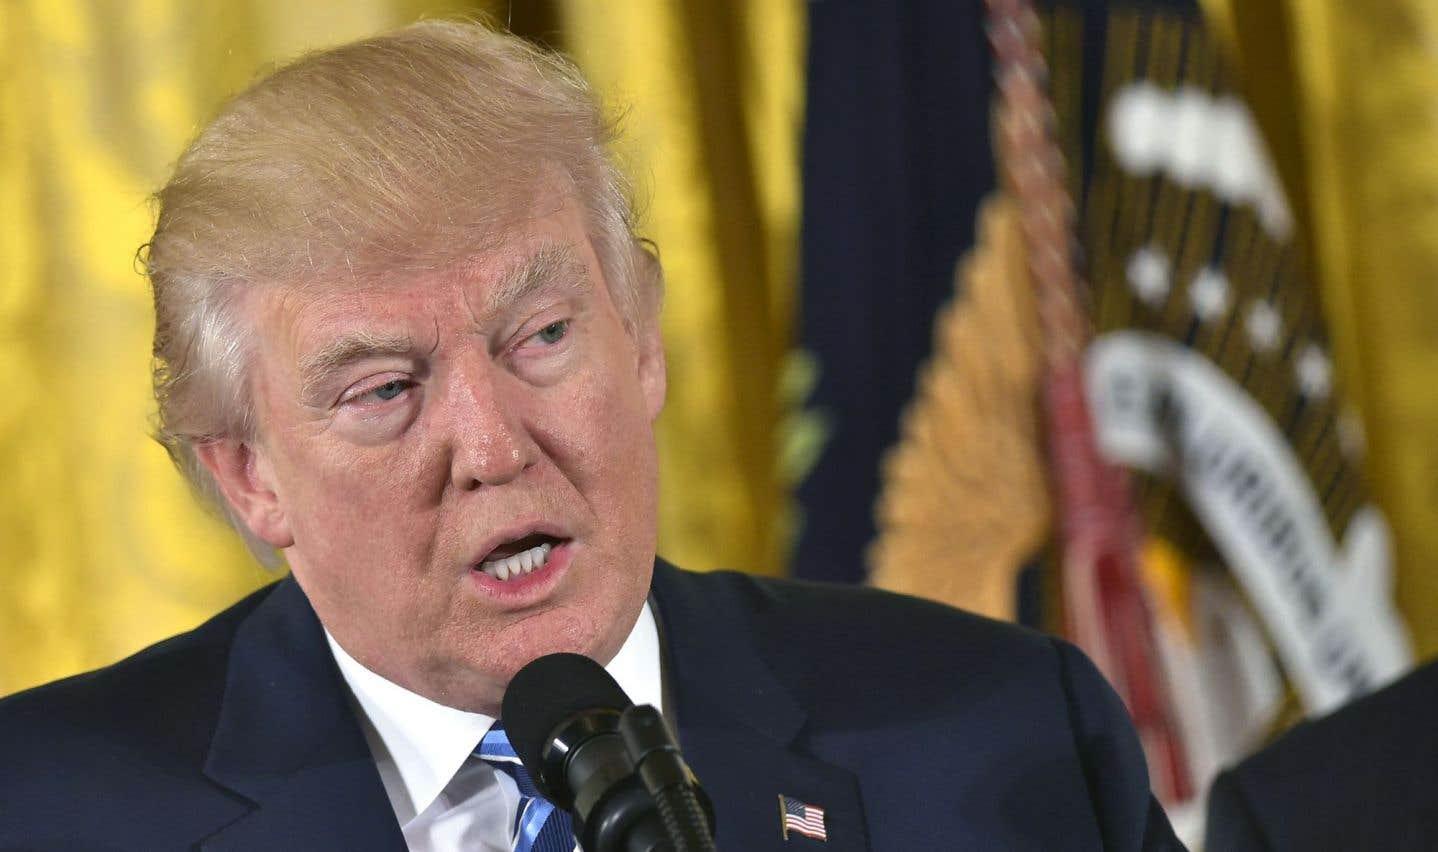 Une polémique sur le soutien populaire de Trump